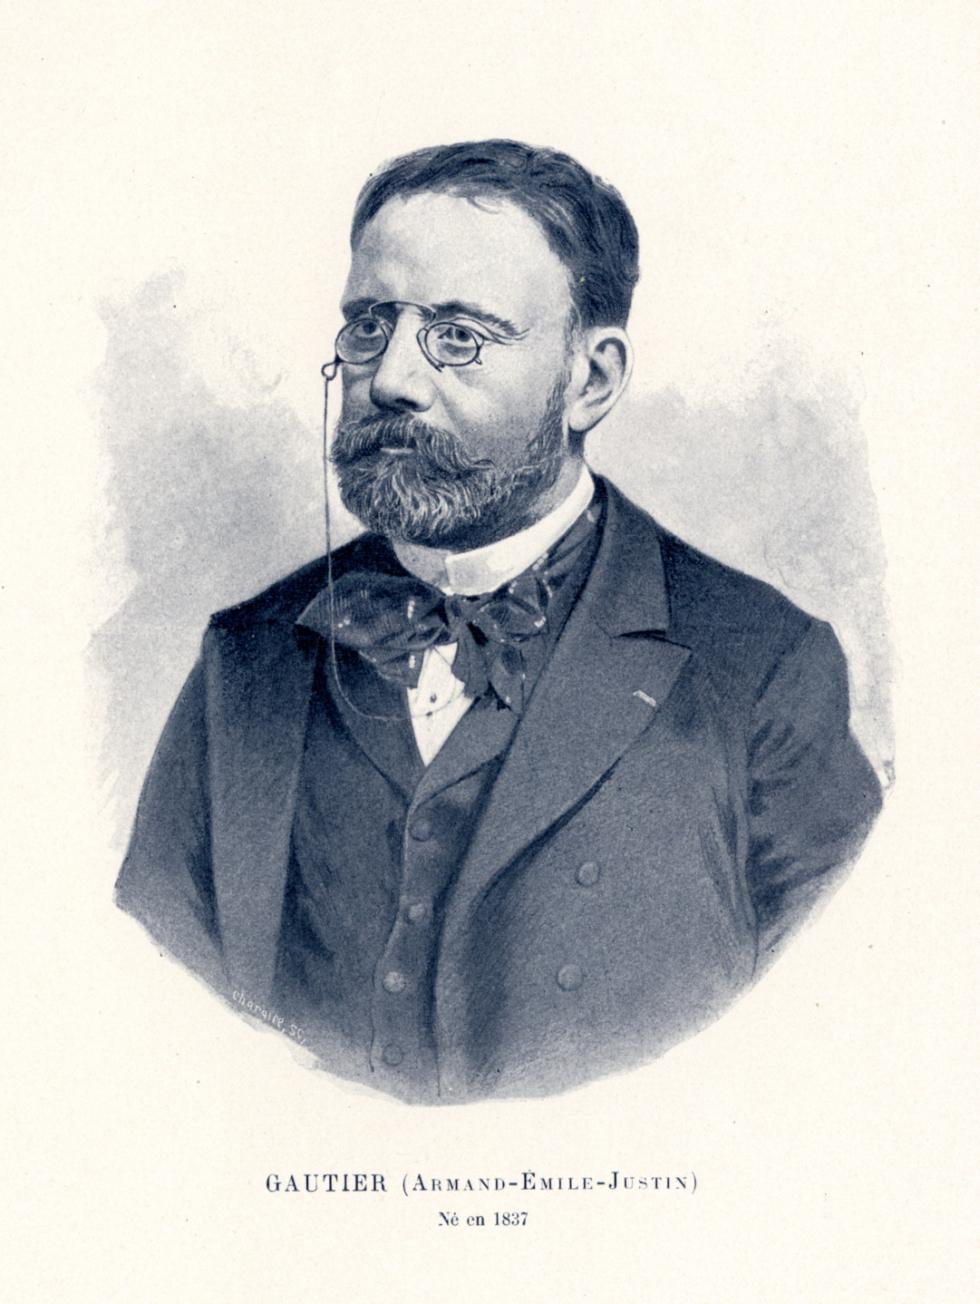 Gautier Armand-Emile-Justin - Centenaire de la Faculté de médecine de Paris (1794-1894) - Médecins. 19e siècle (France) - med09858x02x0057